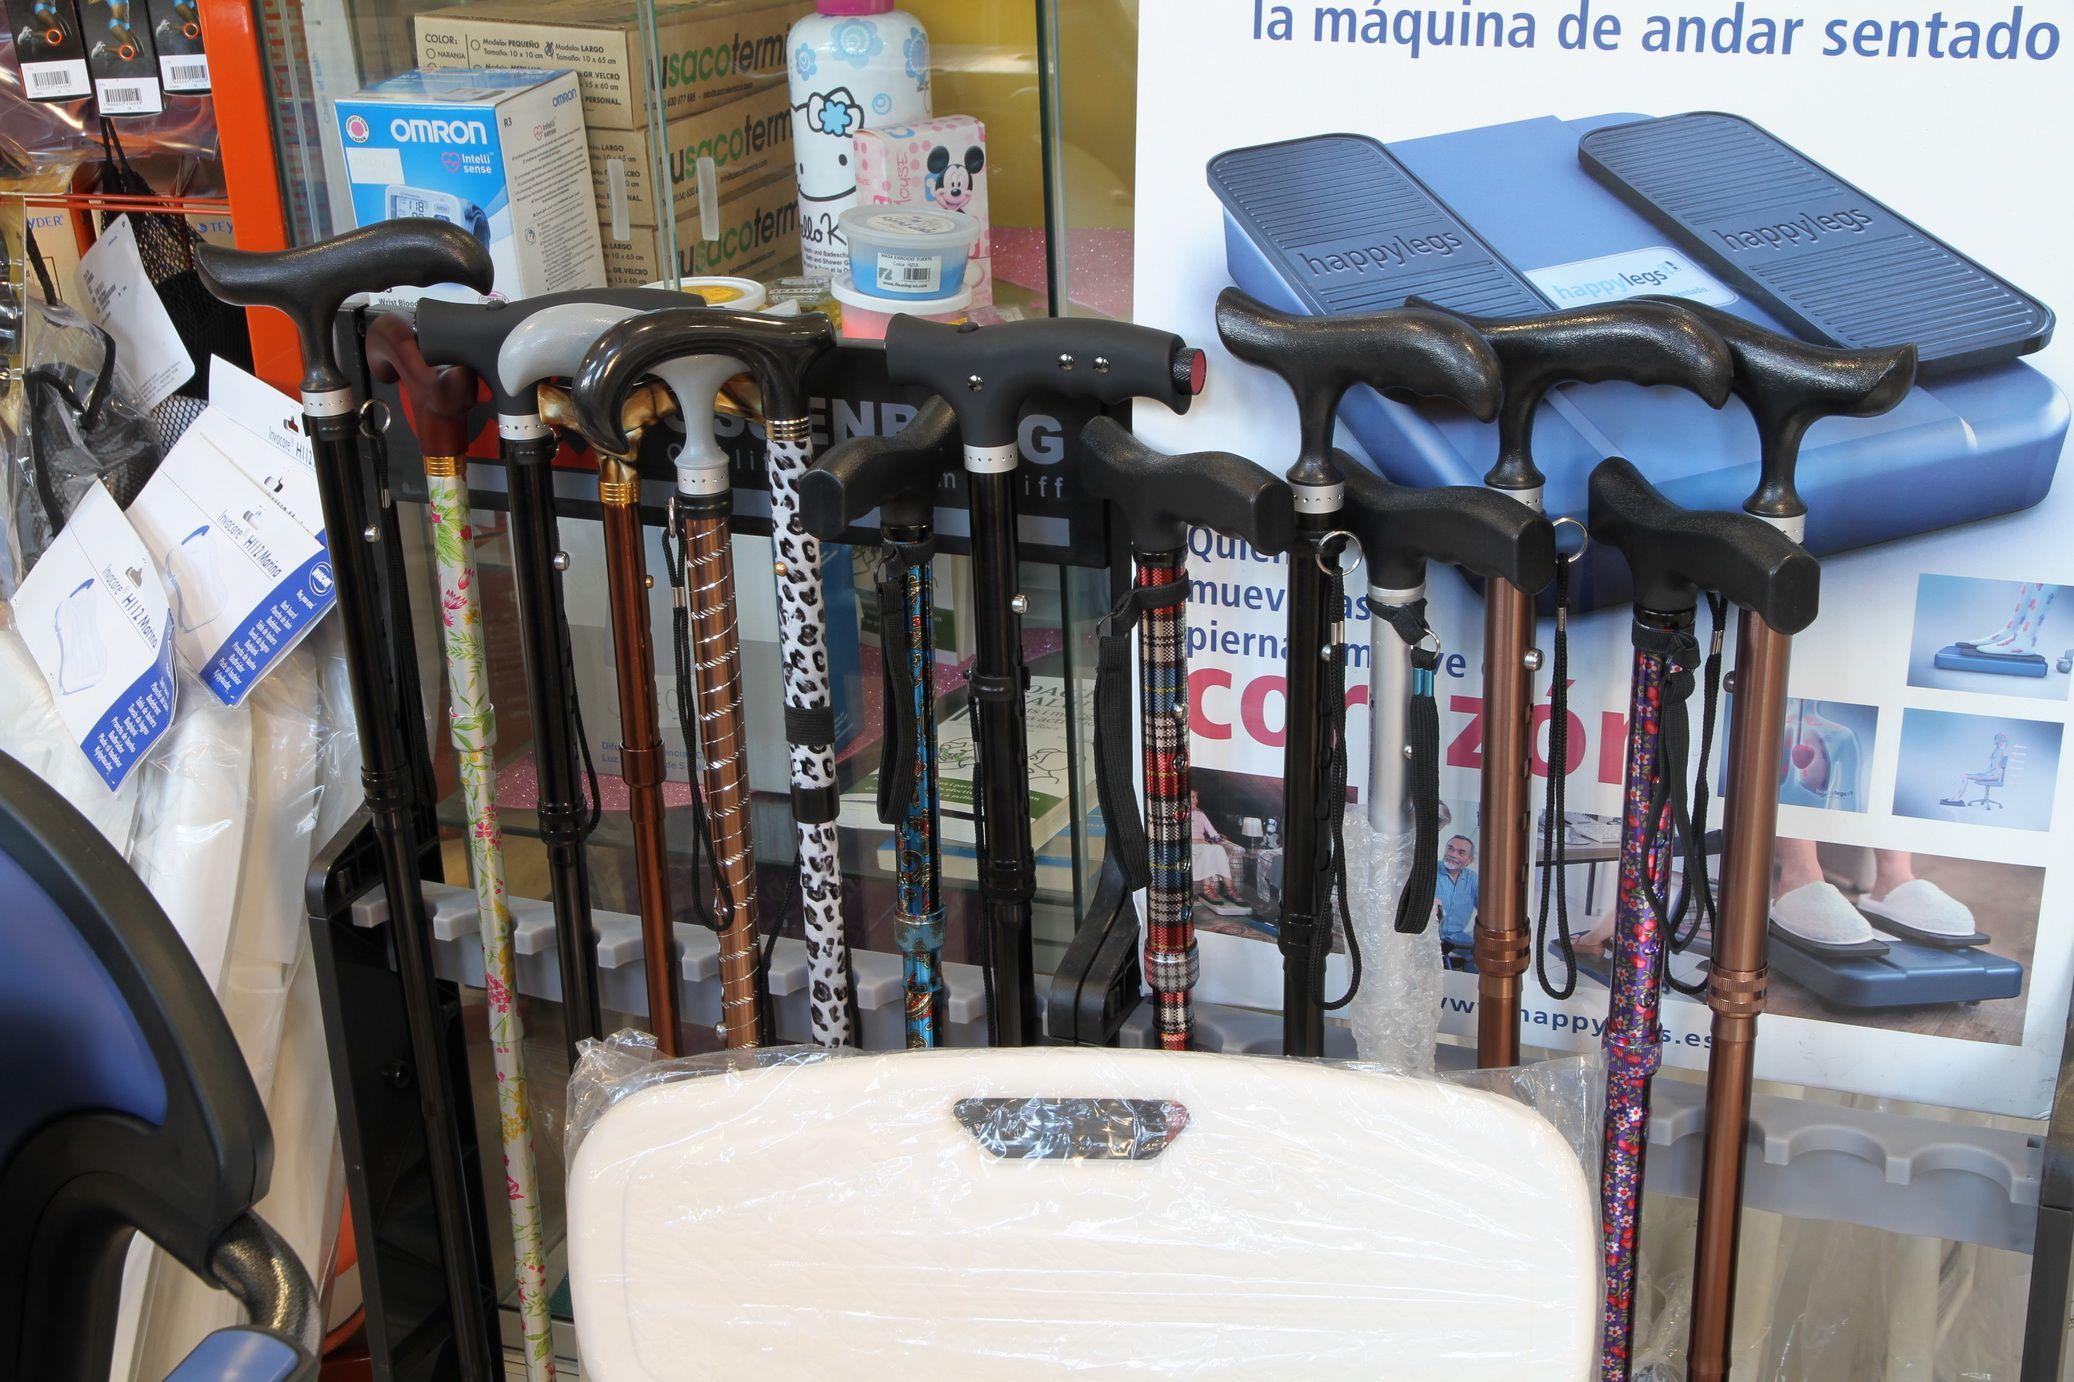 Foto 10 de Ortopedia en Tarragona | Ceorma, S.L.